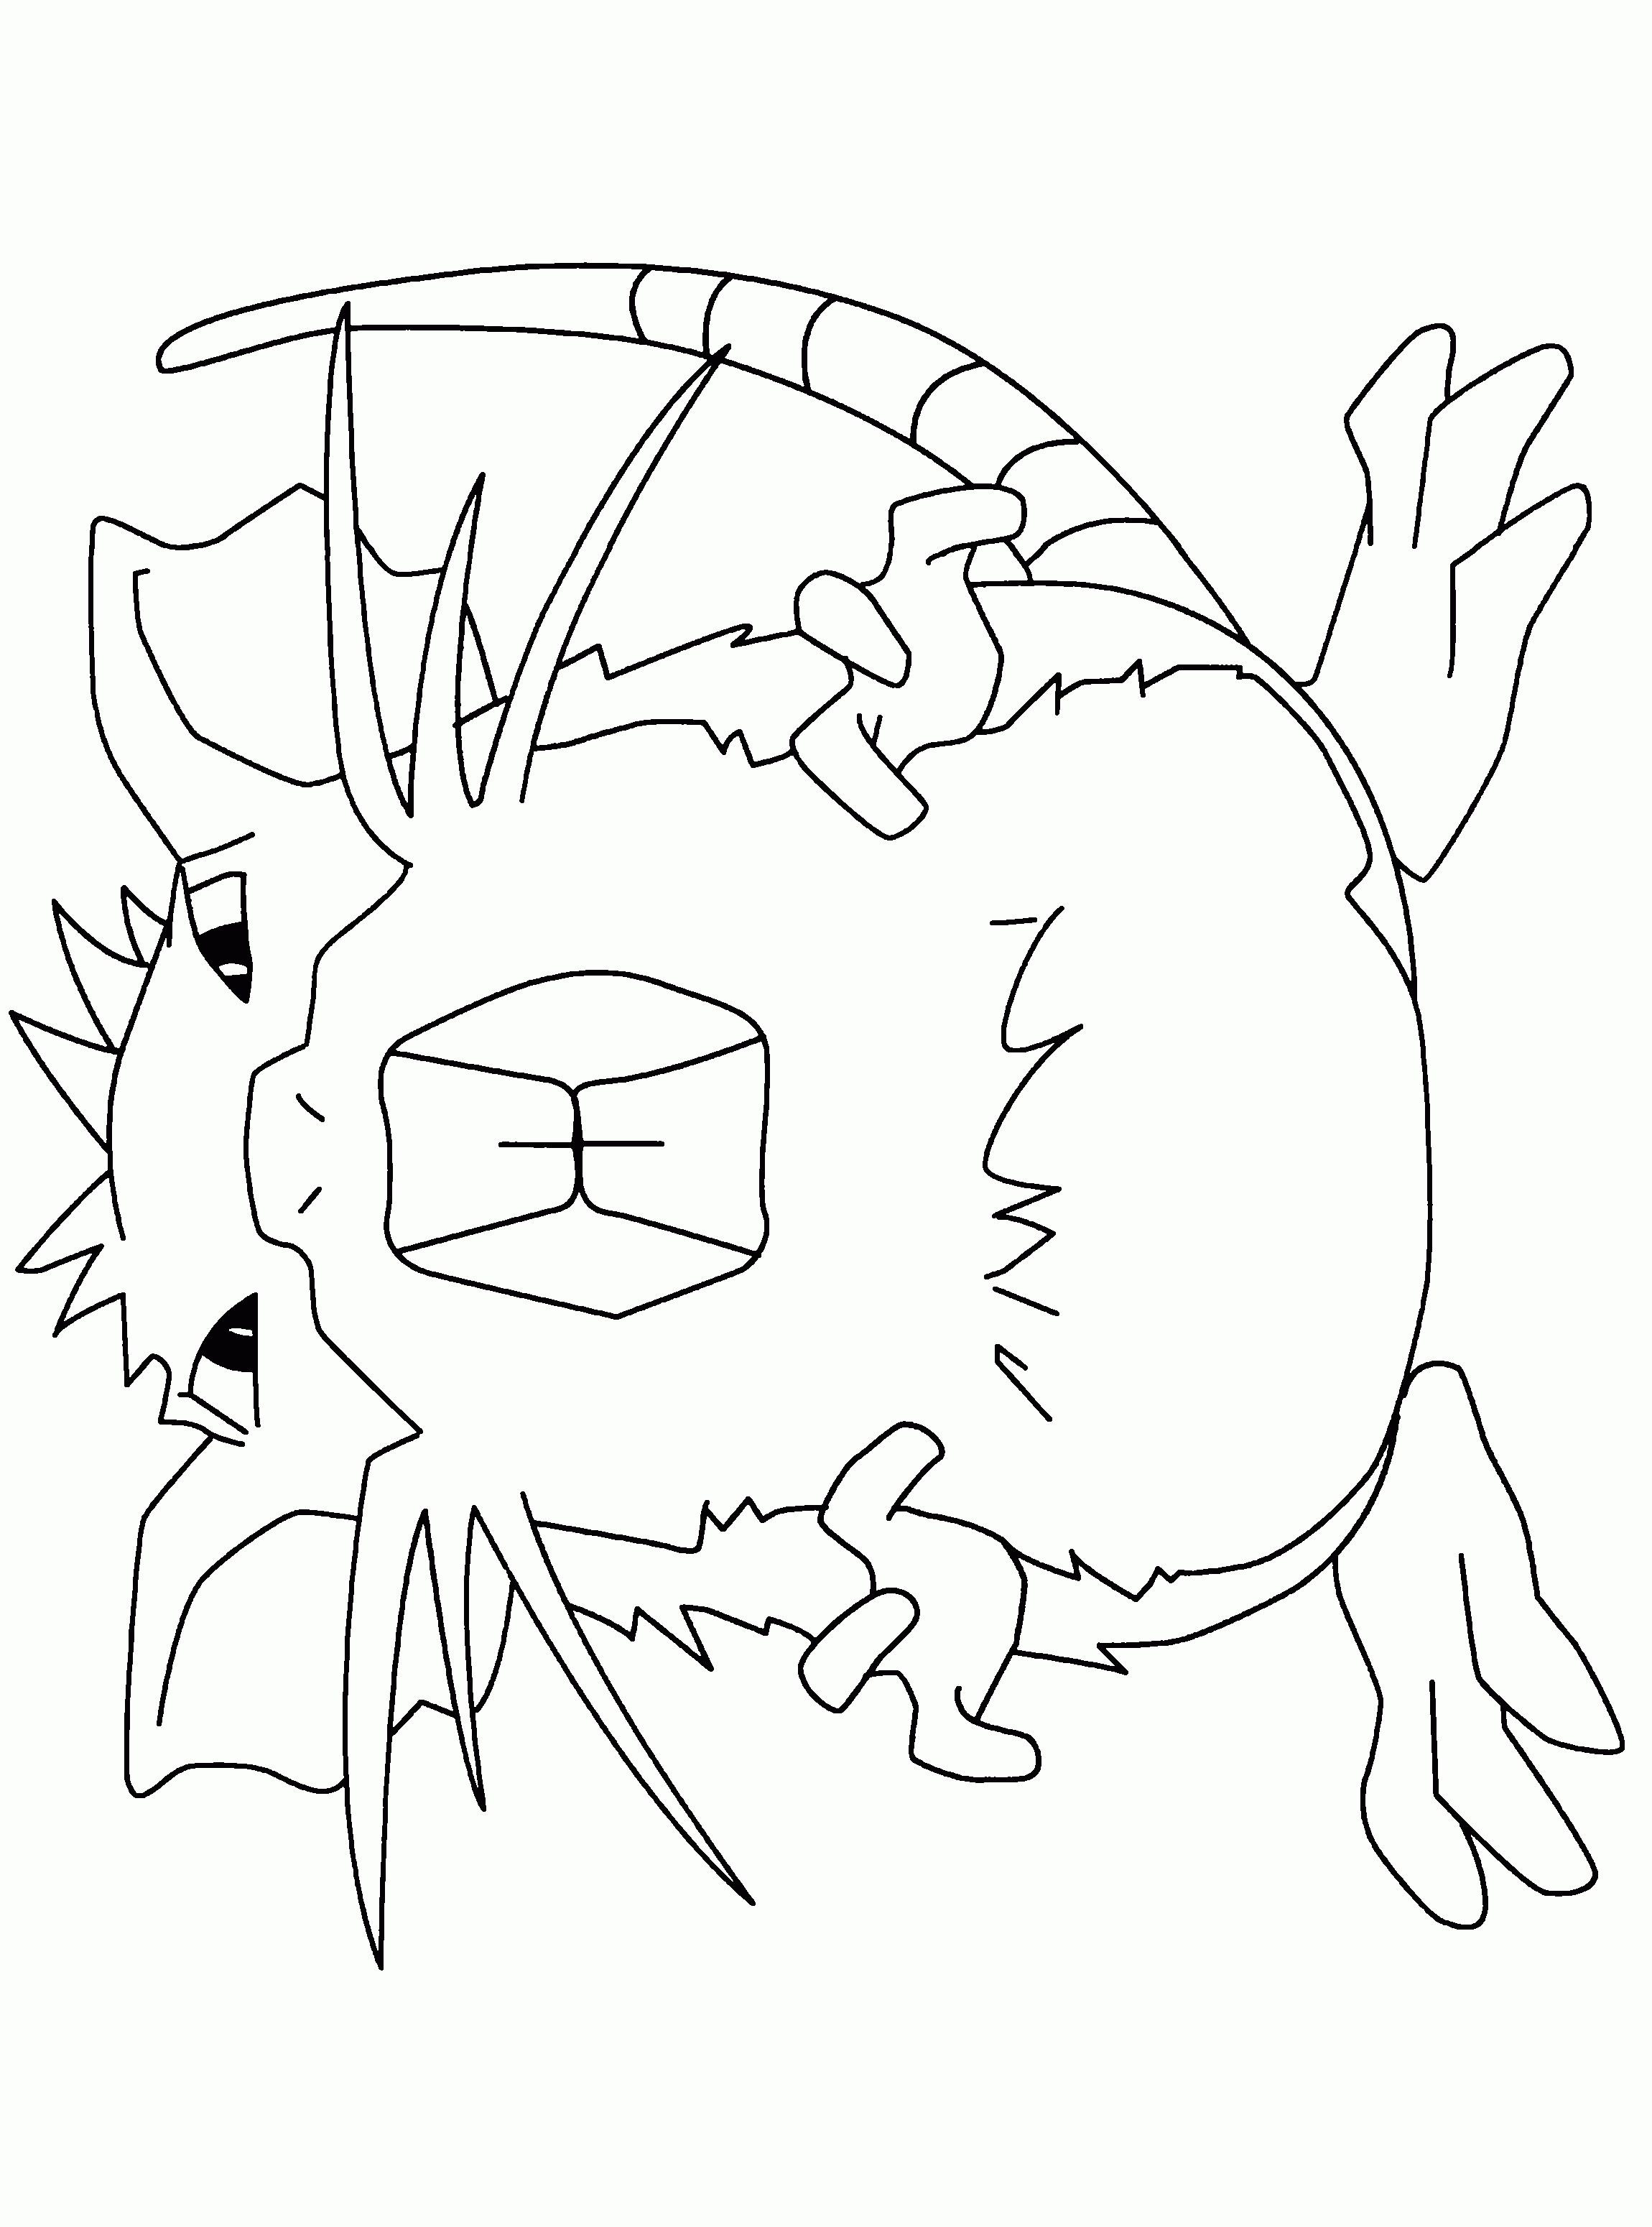 Malvorlagen Pokemon Glurak Genial Malvorlagen Malvorlagen Pokemon Sammlung